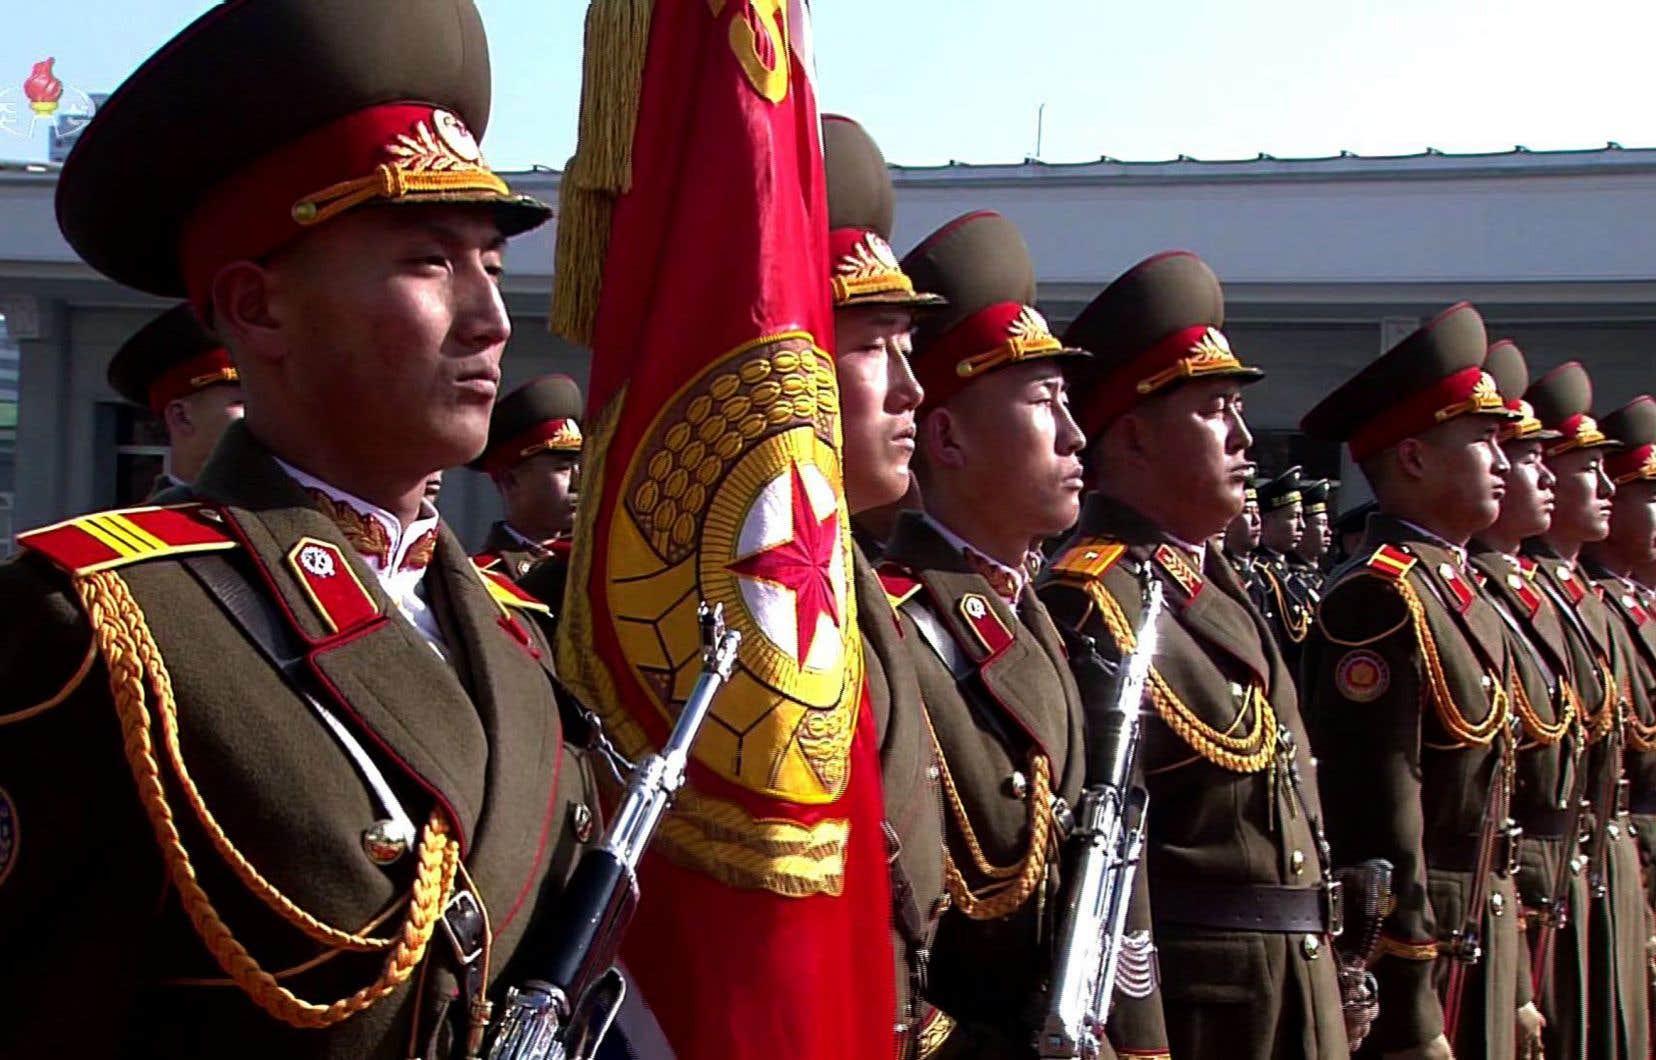 <p>Des régiments de soldats ont défilé,suivis par des camions, de l'artillerie, des chars et des missiles géants.</p>